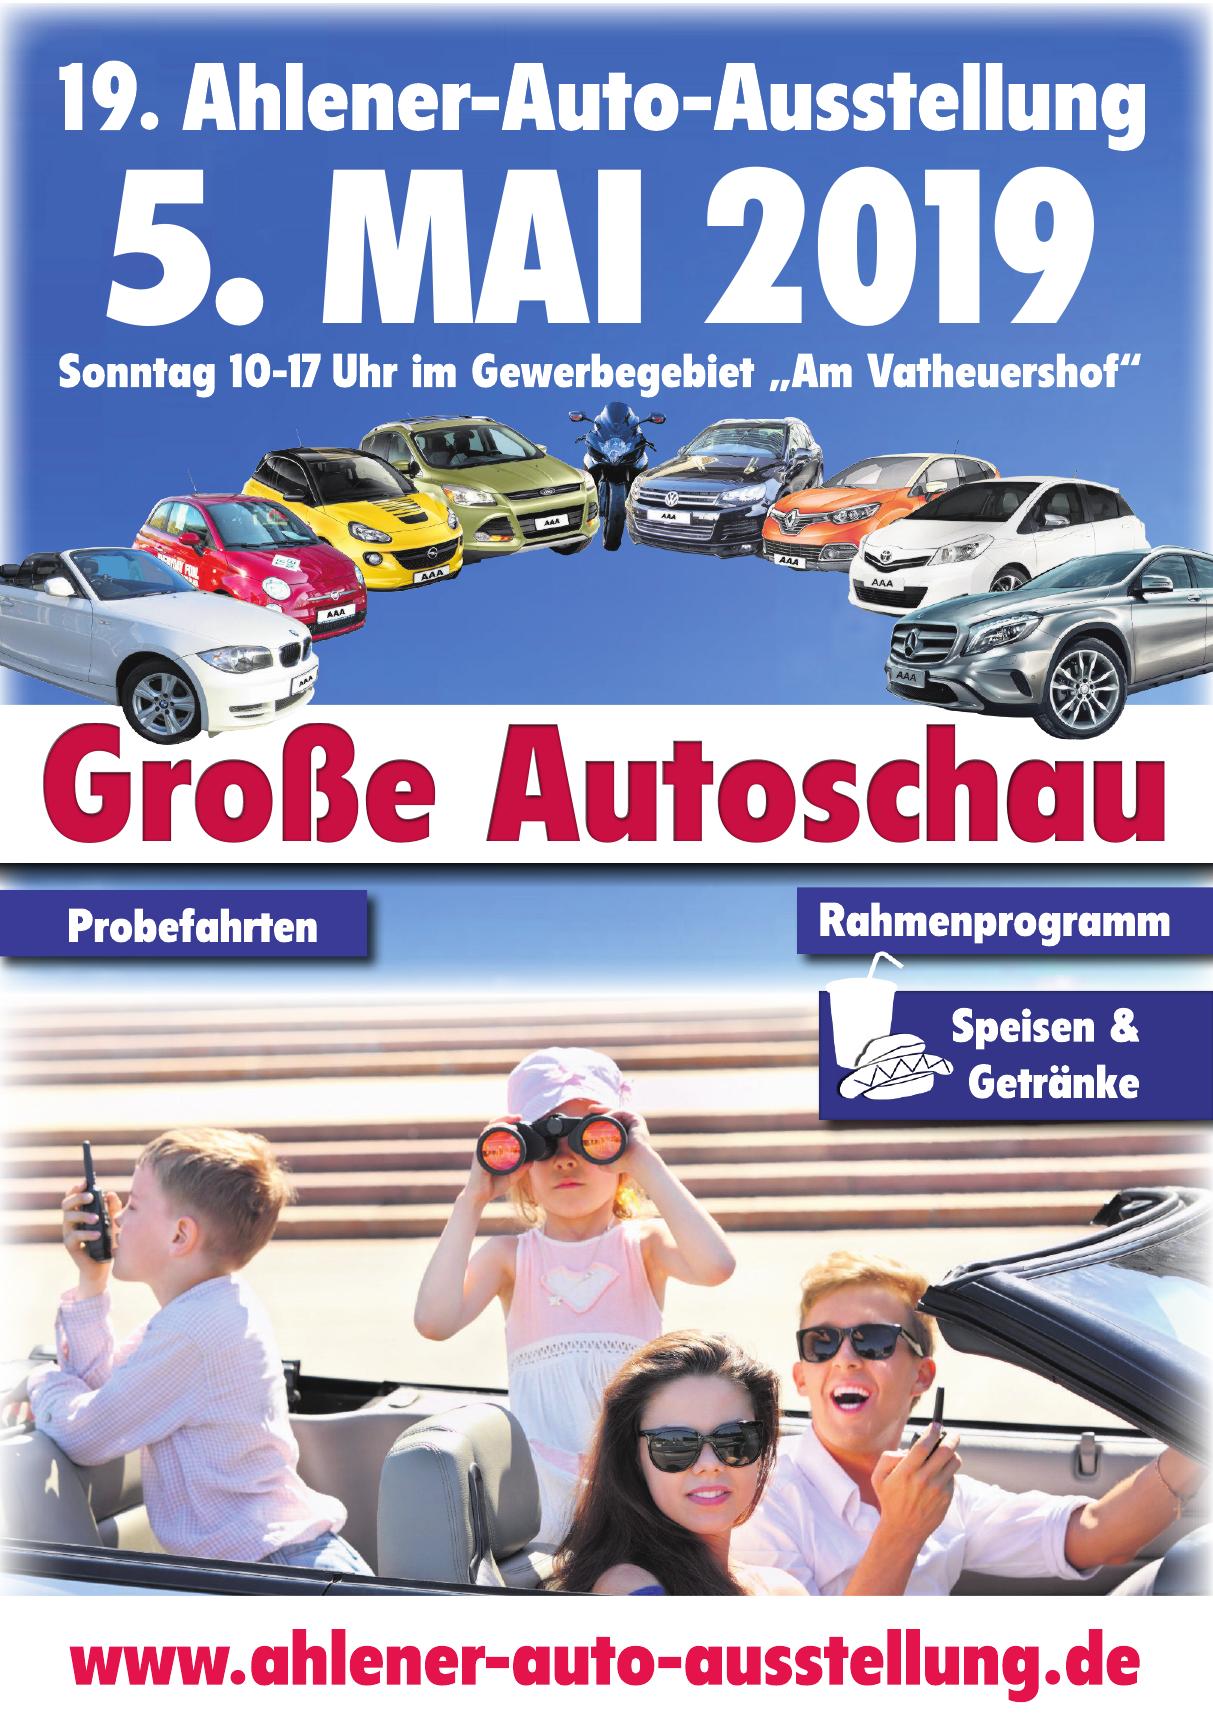 19. Ahlener-Auto-Ausstellung